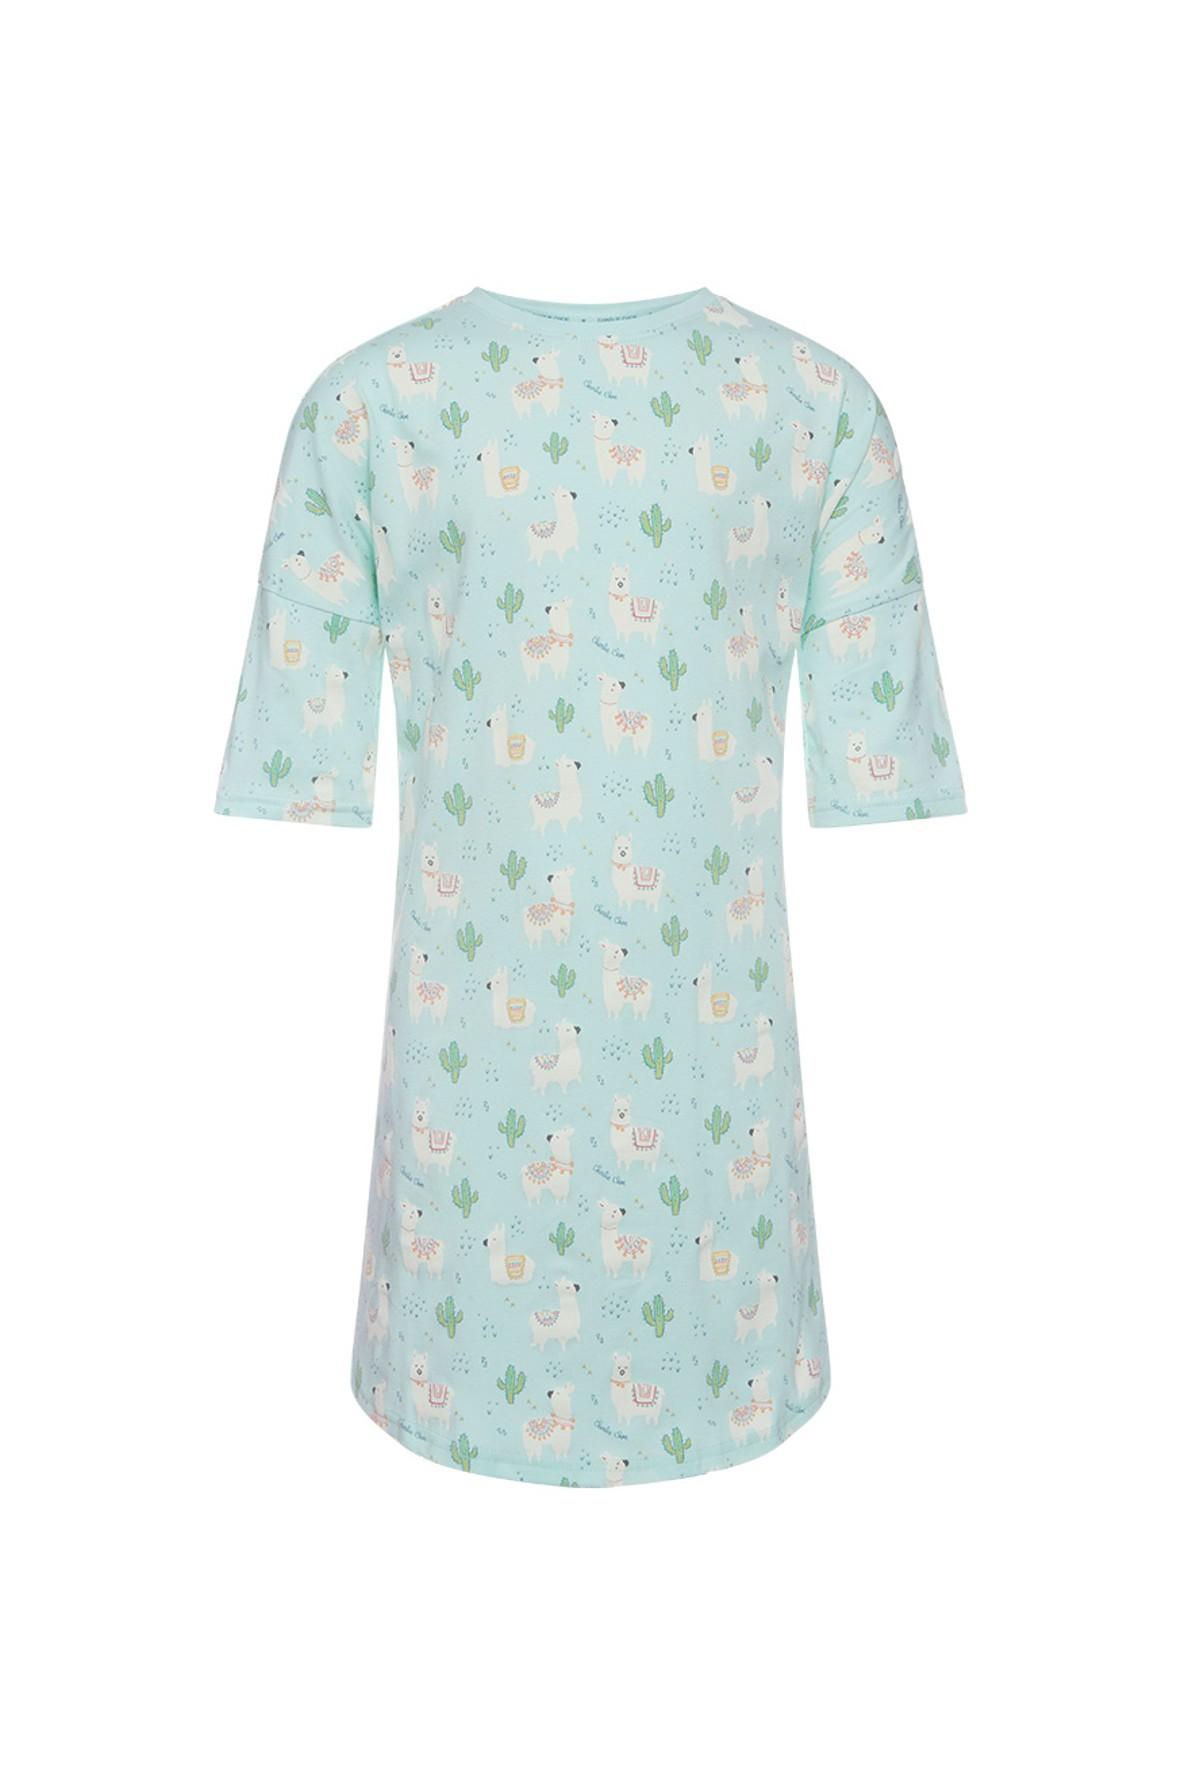 Pidżama dla niemowlaka- koszula nocna w lamy